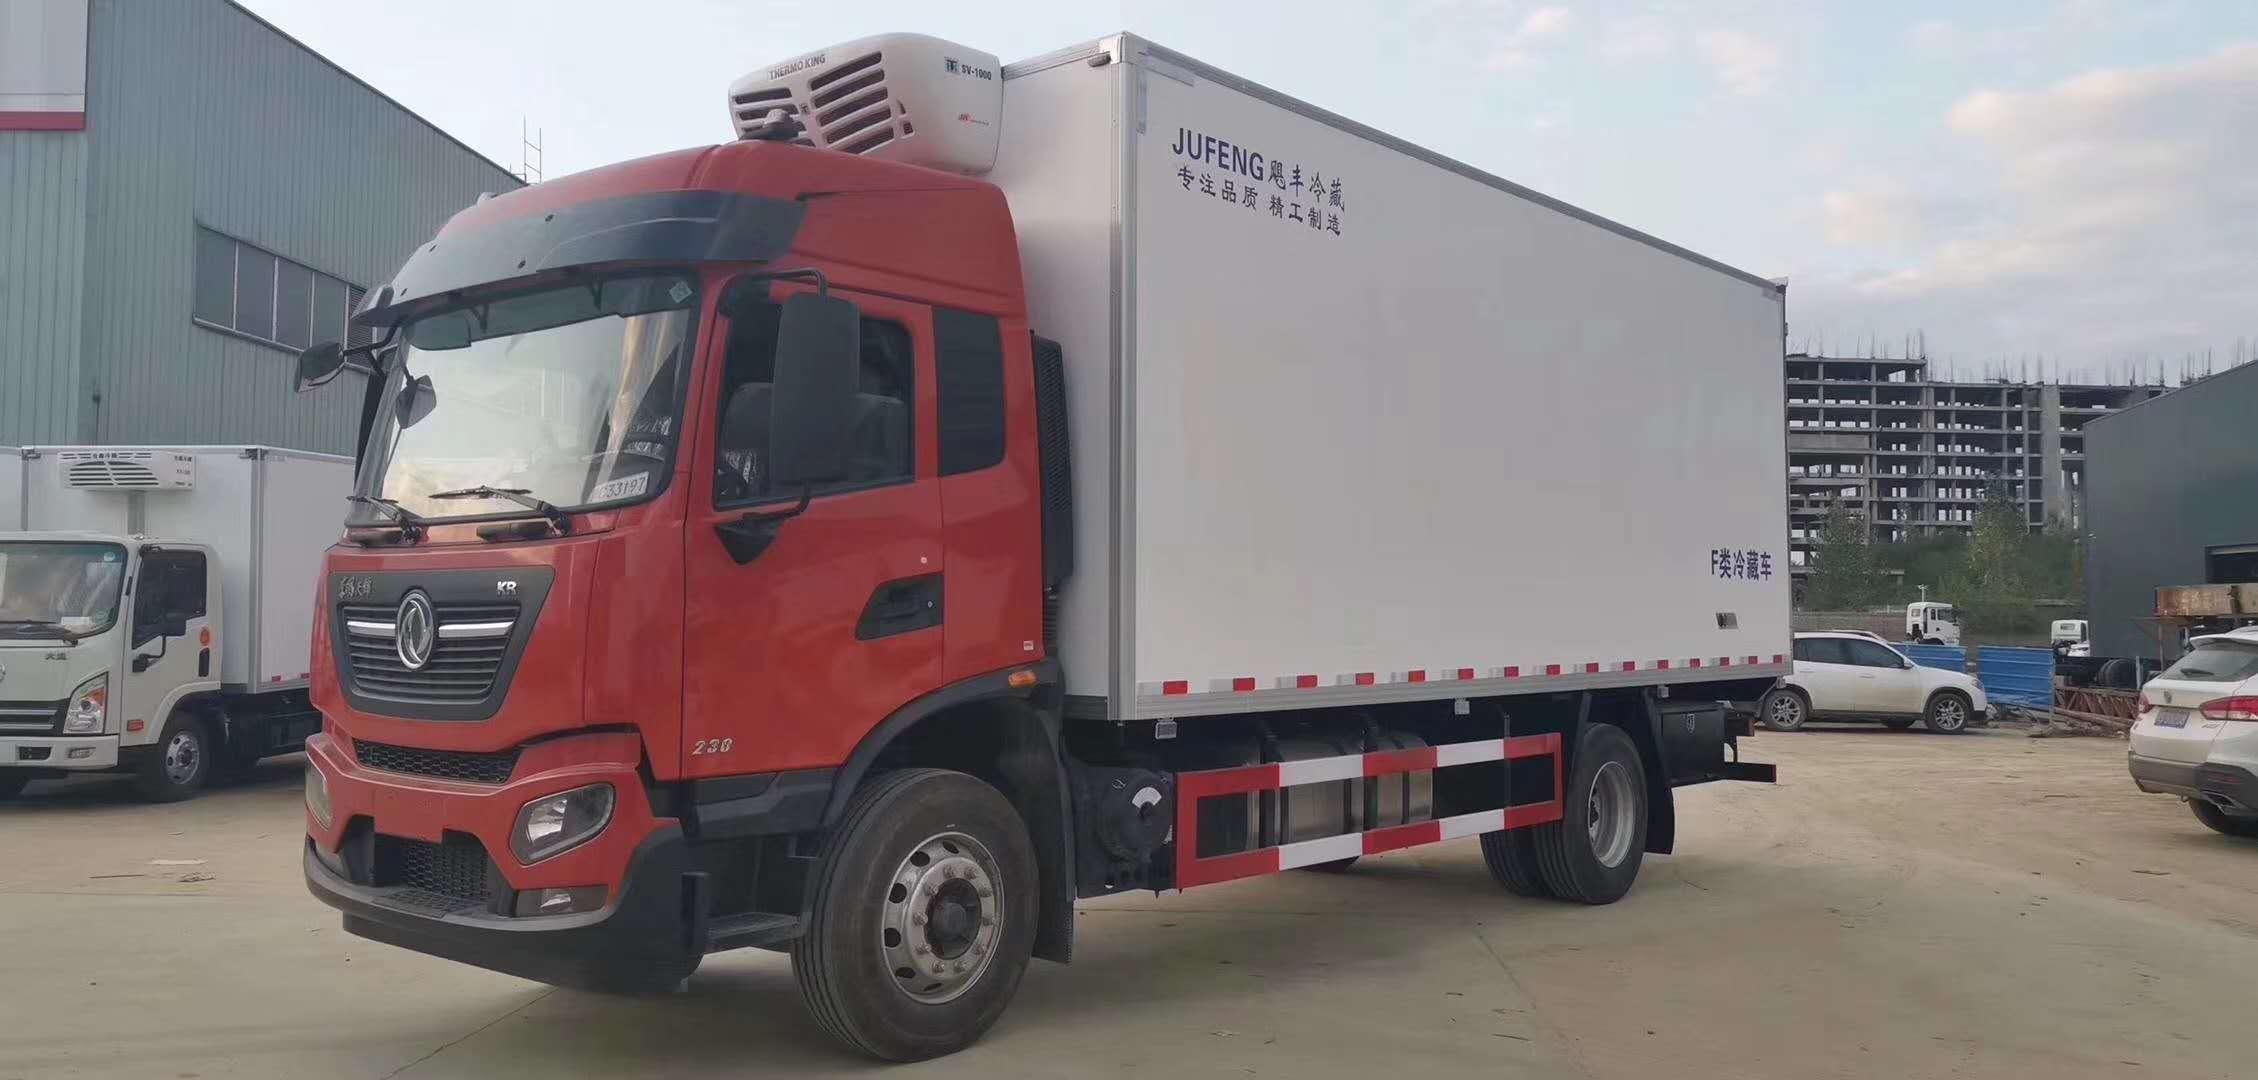 新款东风天锦6.8米厢体冷藏车厂家优惠价